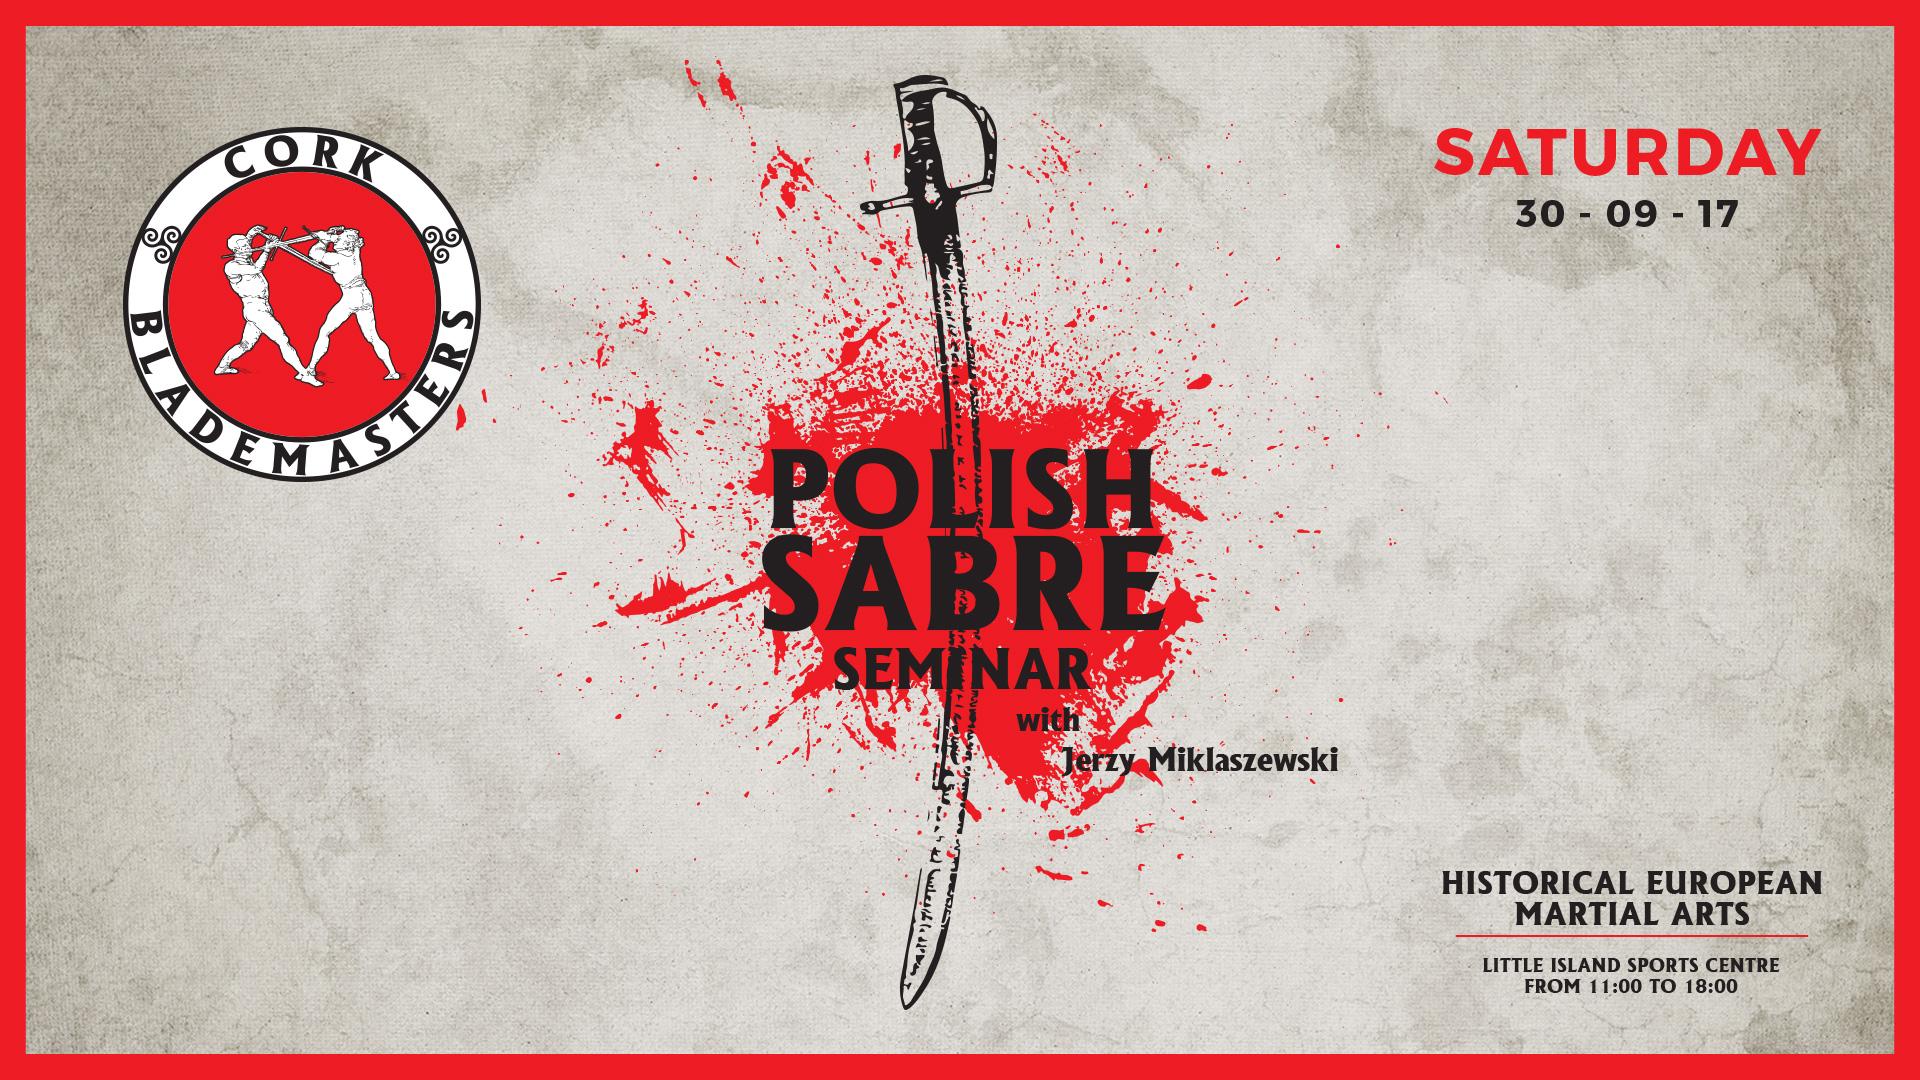 Polish Sabre Seminar this Saturday!